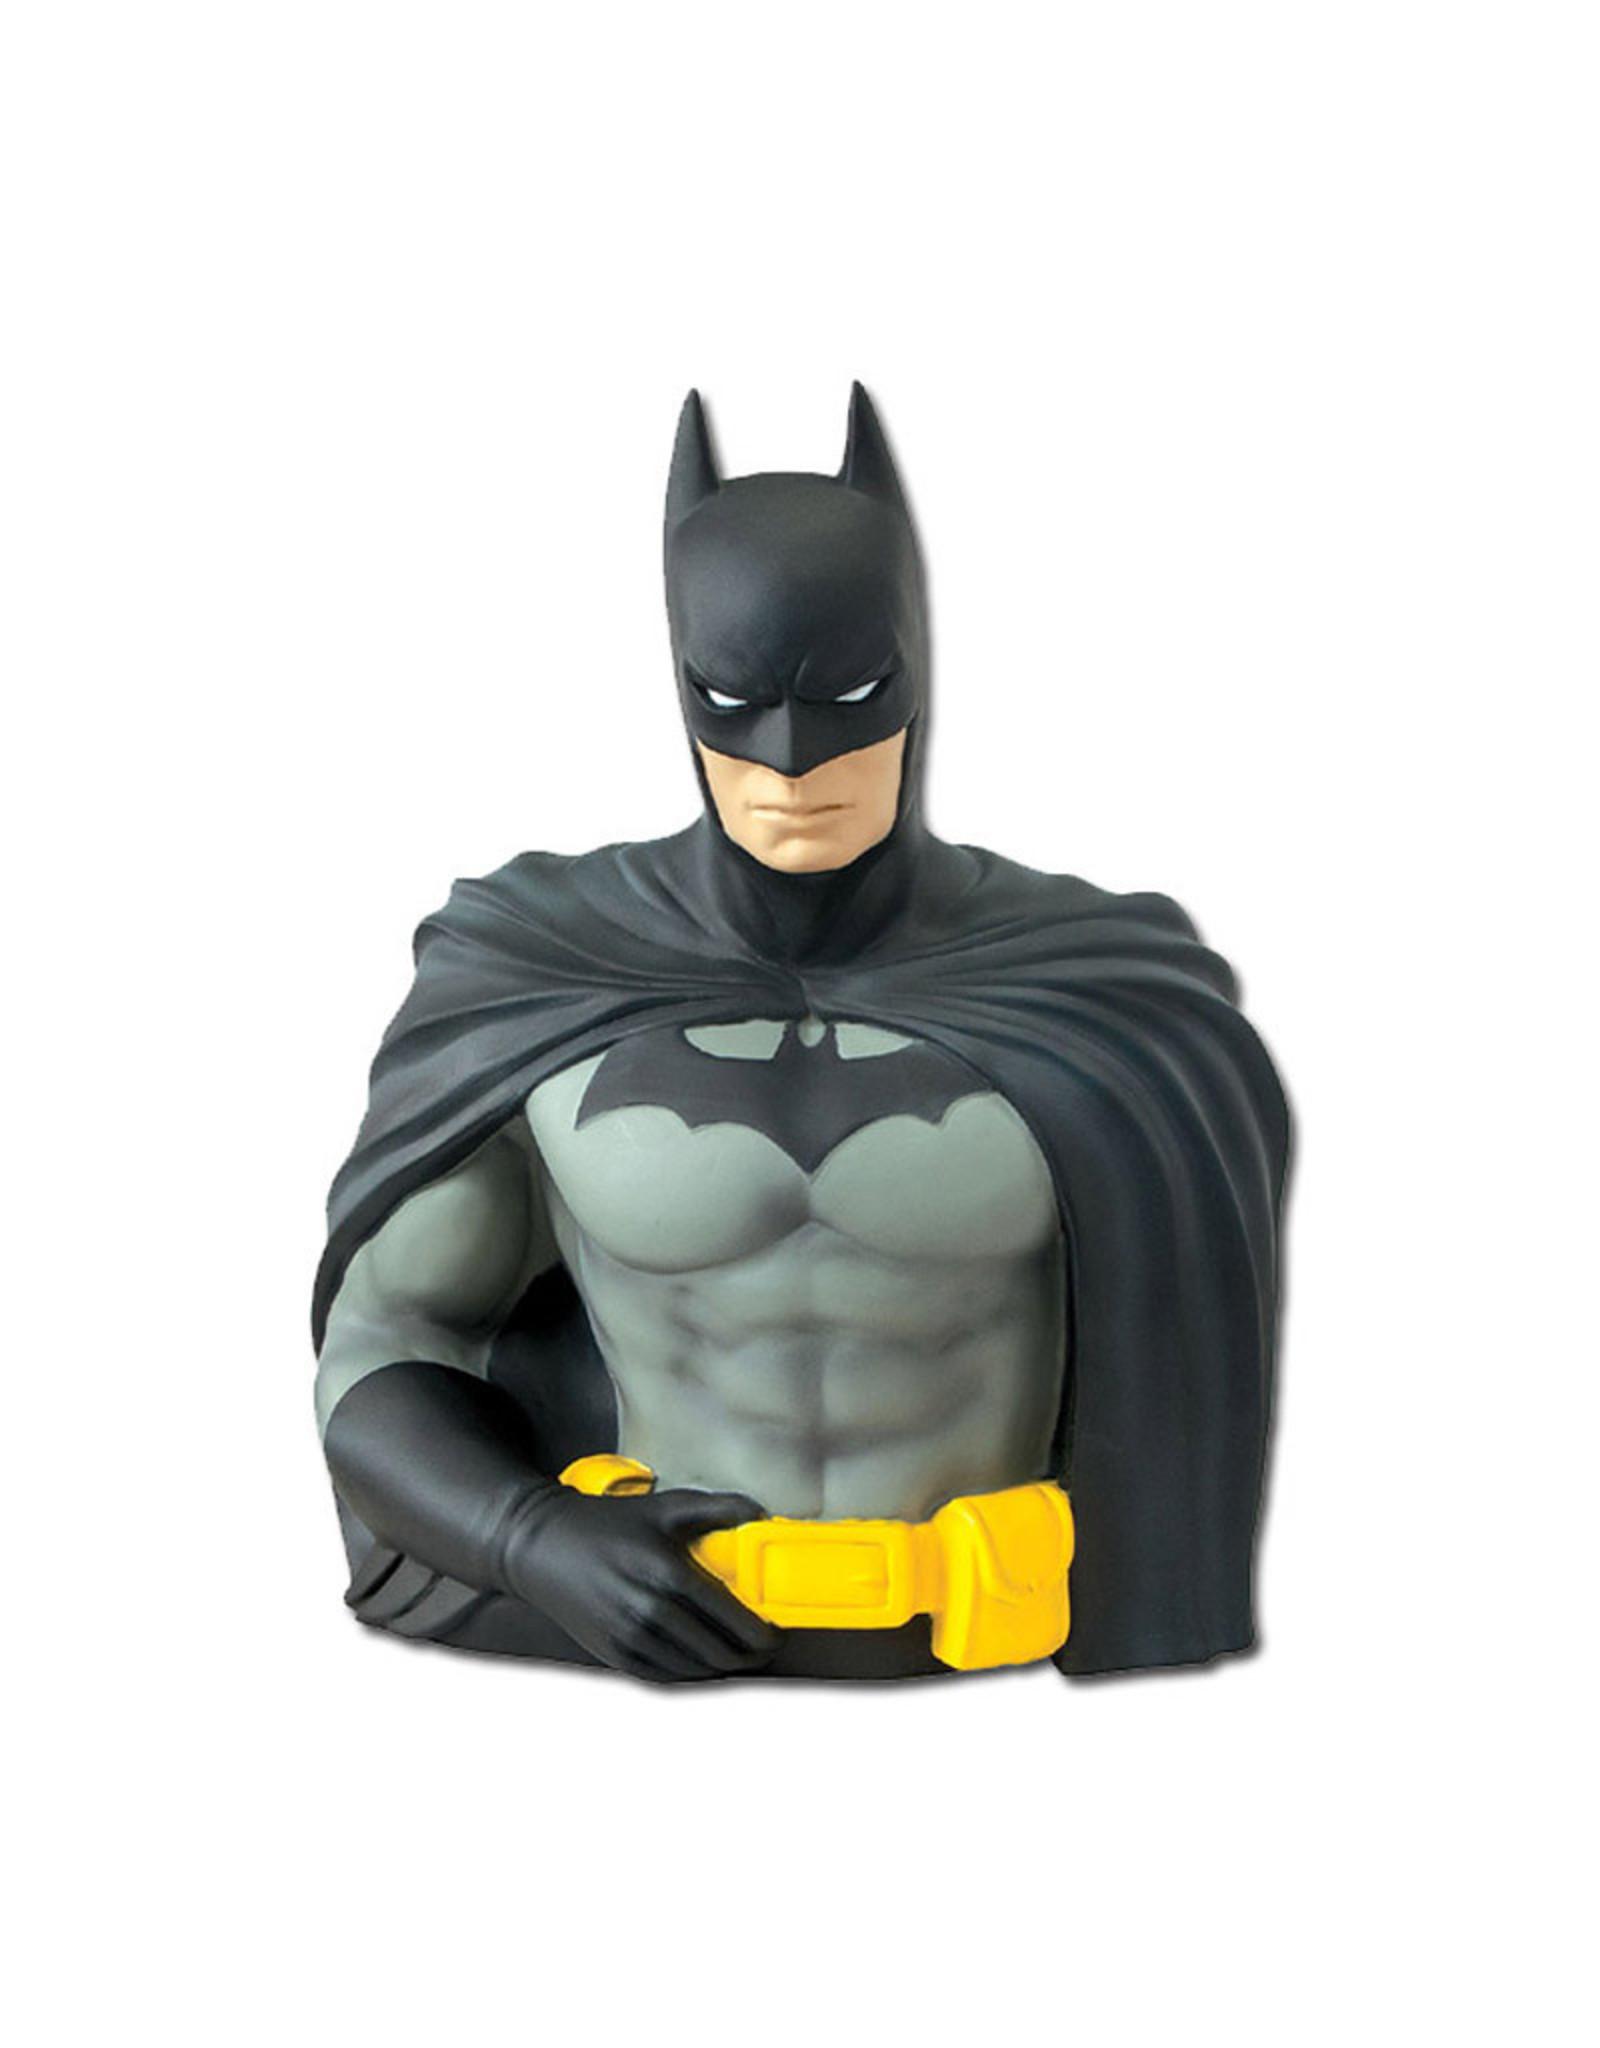 Dc comics Batman ( Bust bank )